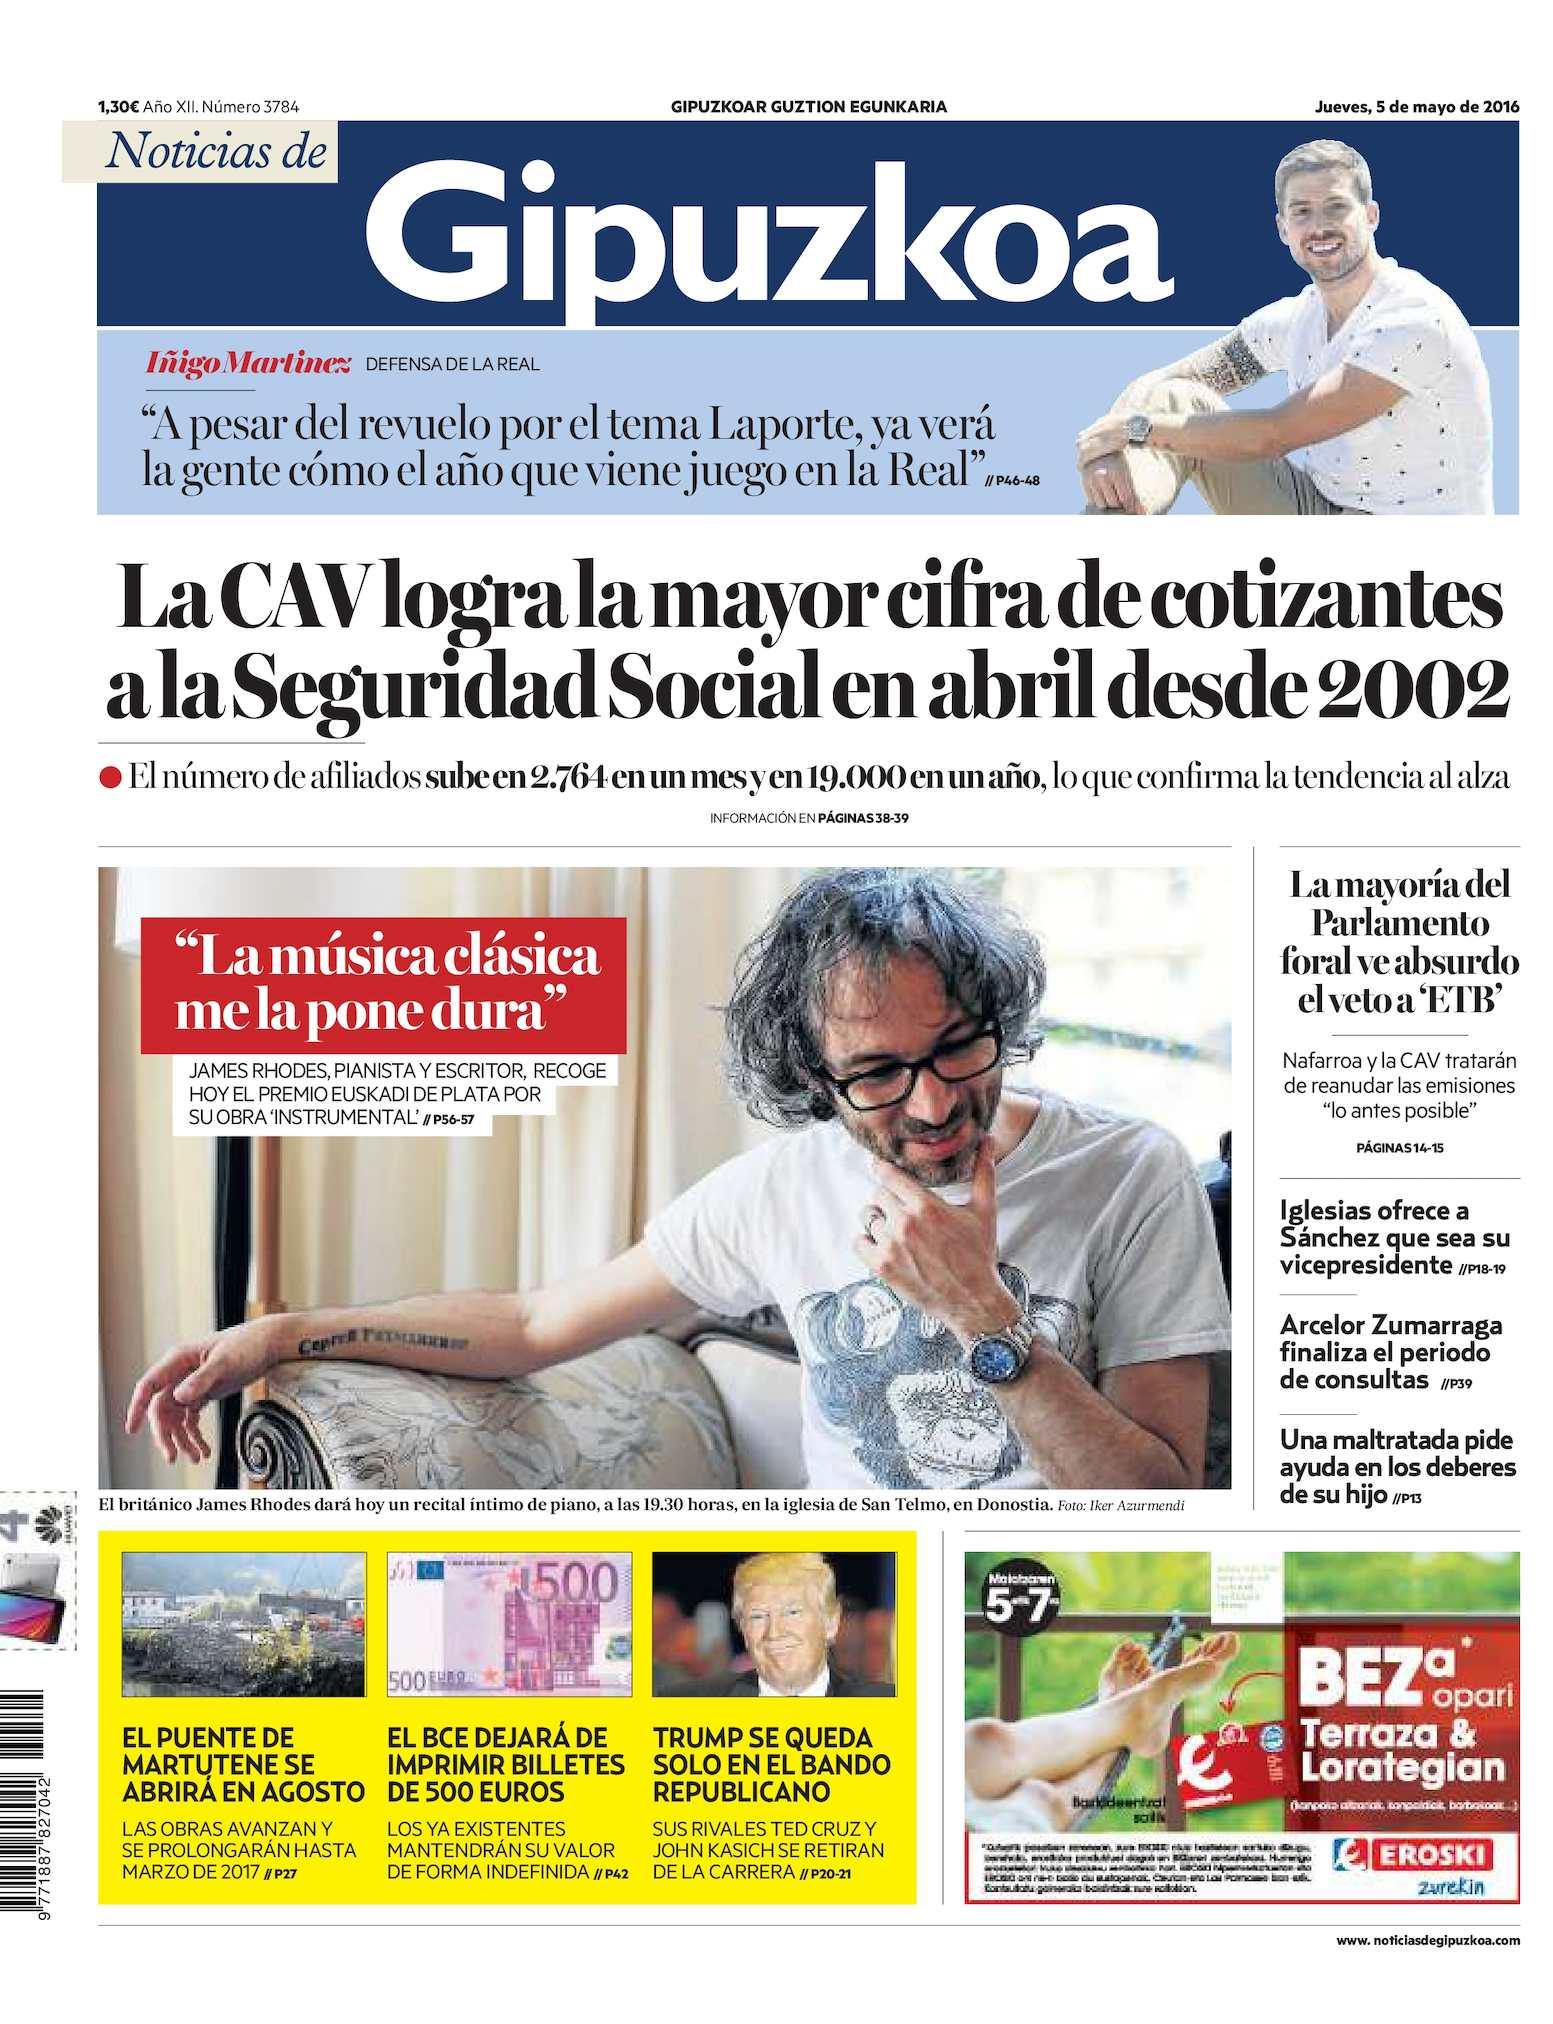 Calaméo - Noticias de Gipuzkoa 20160505